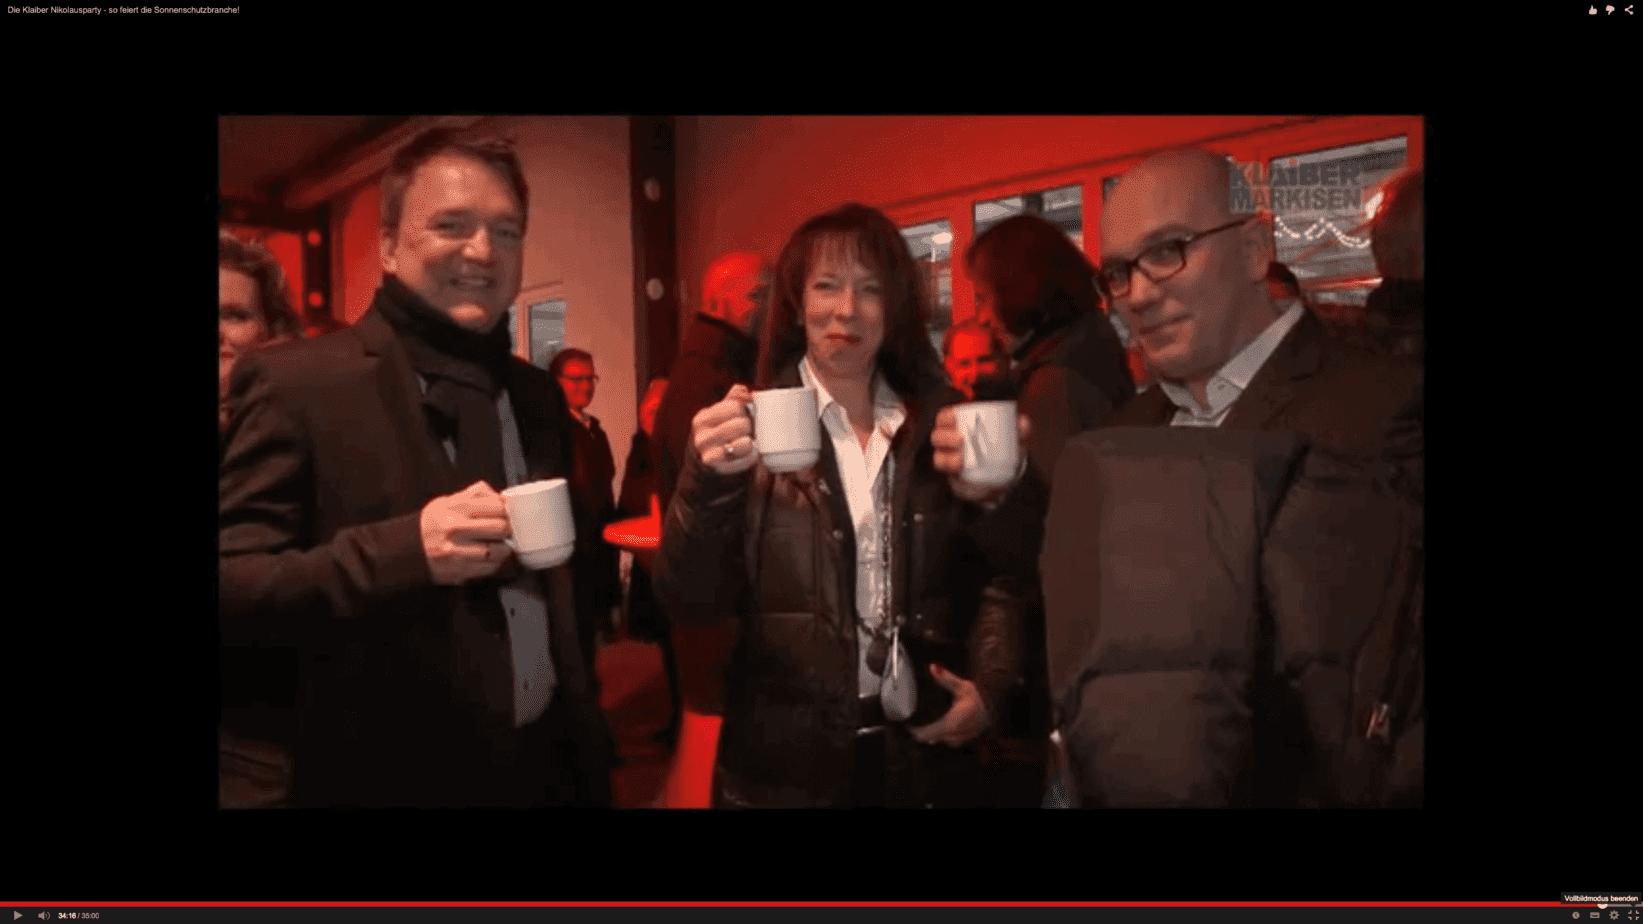 Gelungene Nikolausparty mit Premiumpartner Klaiber Markisen und vielen prominenten Gästen